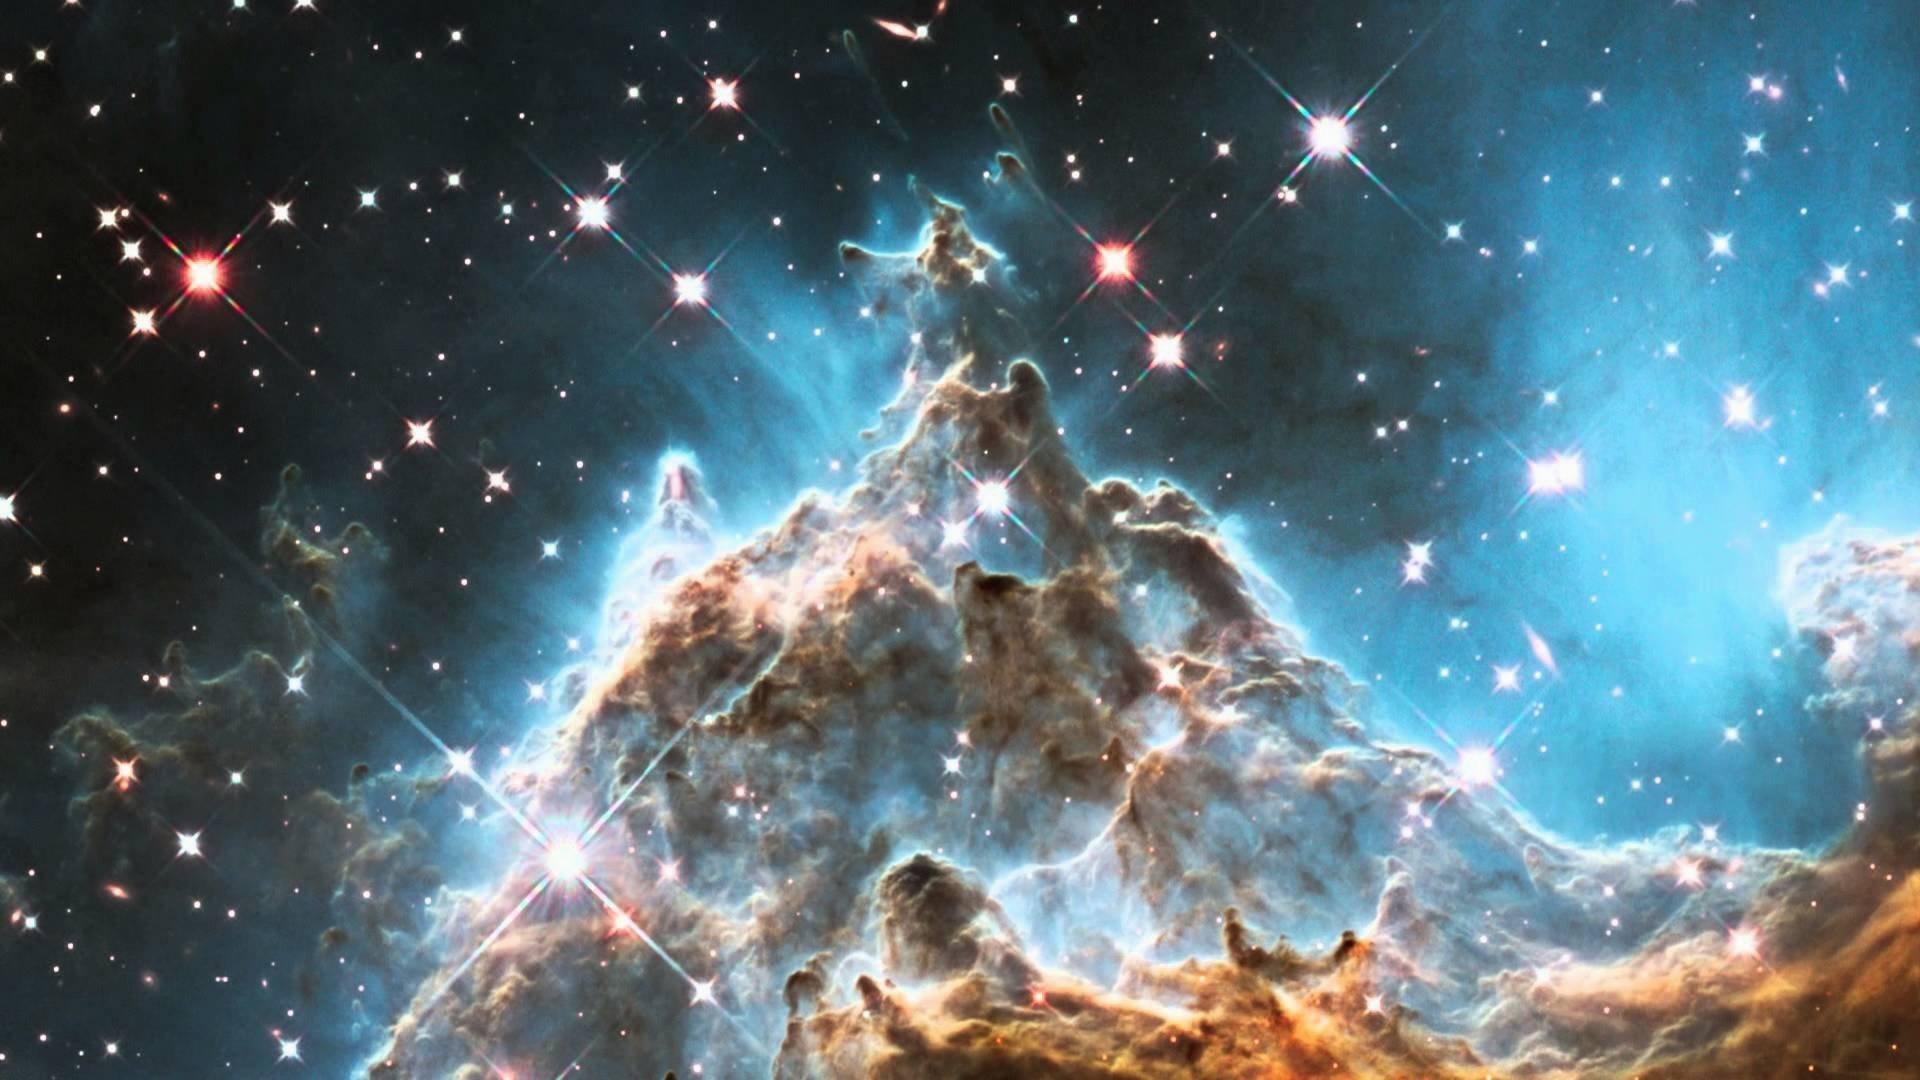 wallpaper.wiki-Hubble-HD-Photo-1920×1080-PIC-WPD007969